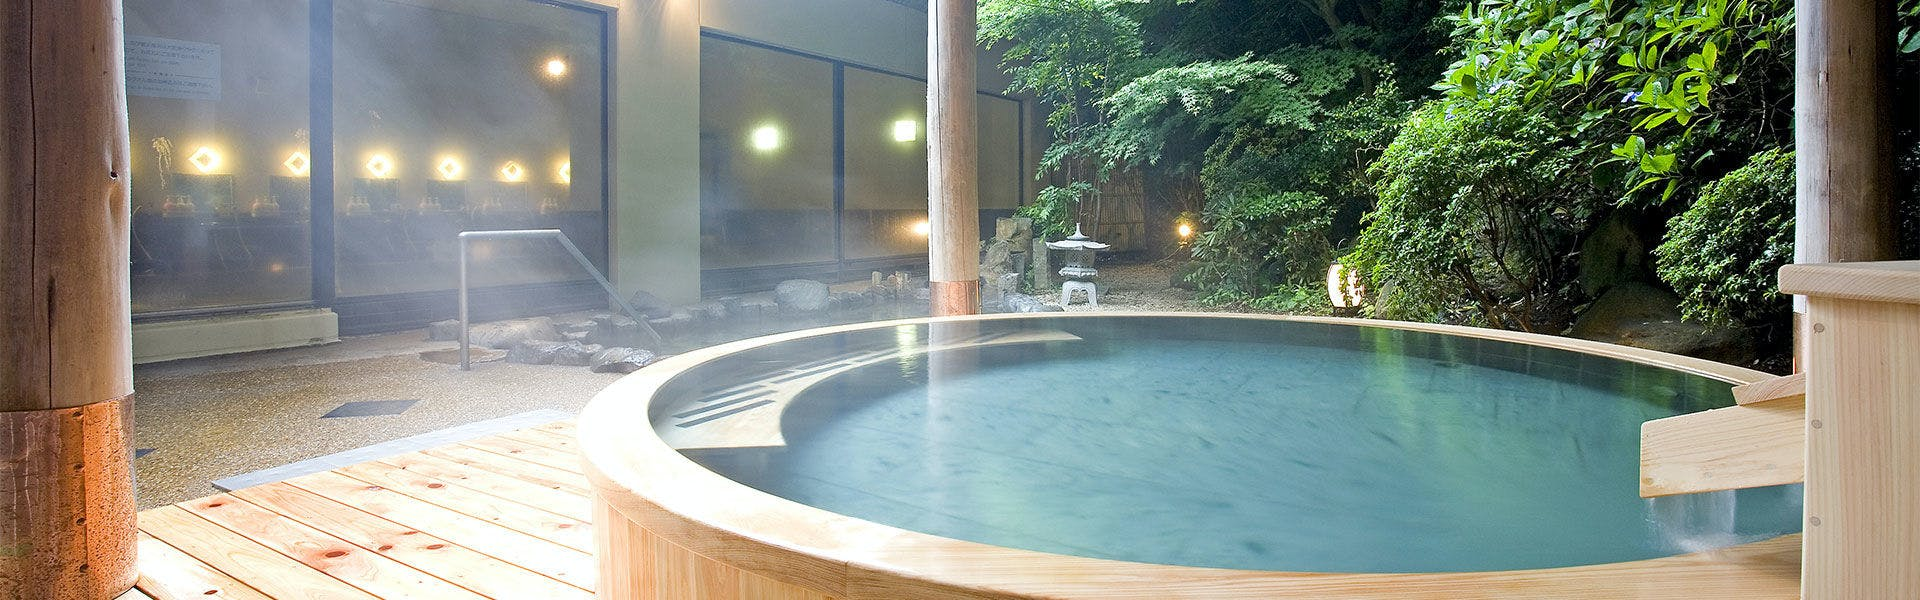 檜風呂露天